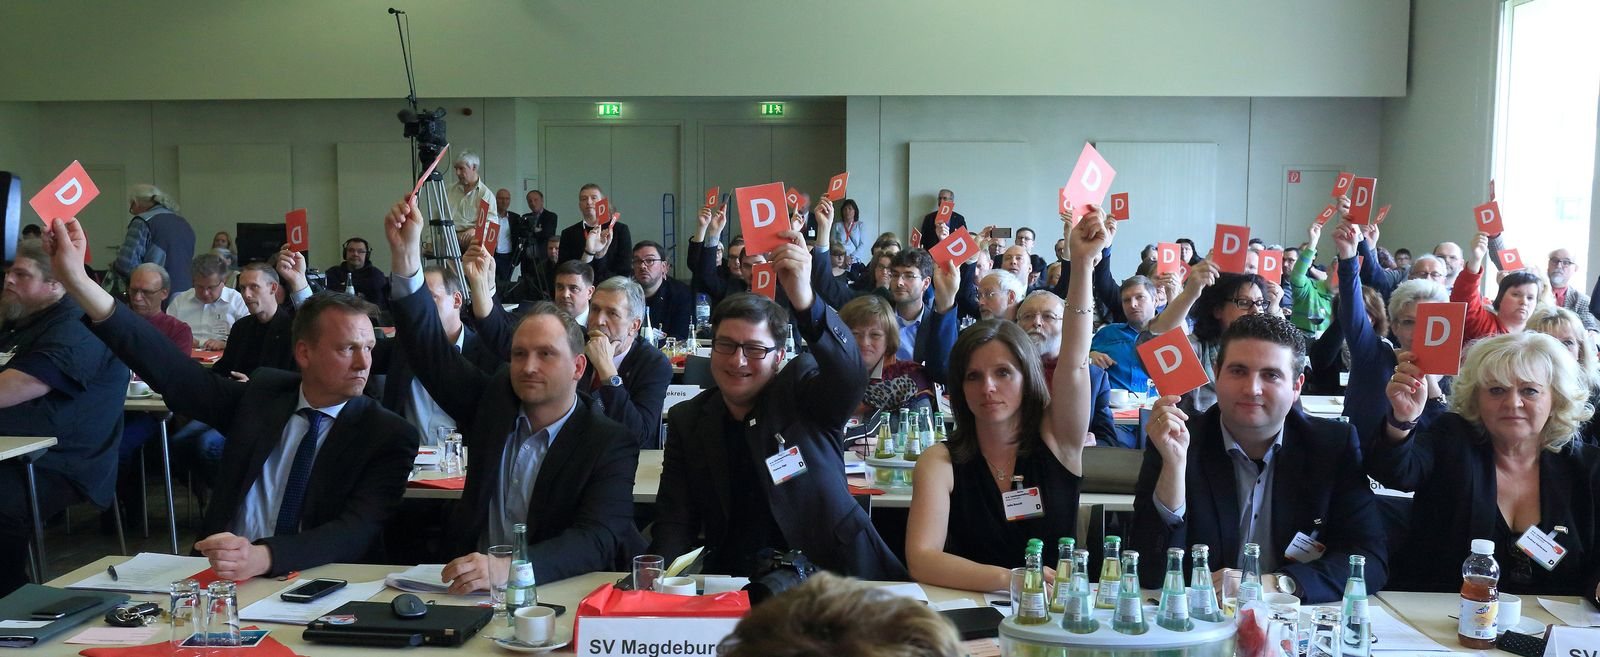 SPD-Landesparteitag/ Sachsen-Anhalt/ Abstimmung